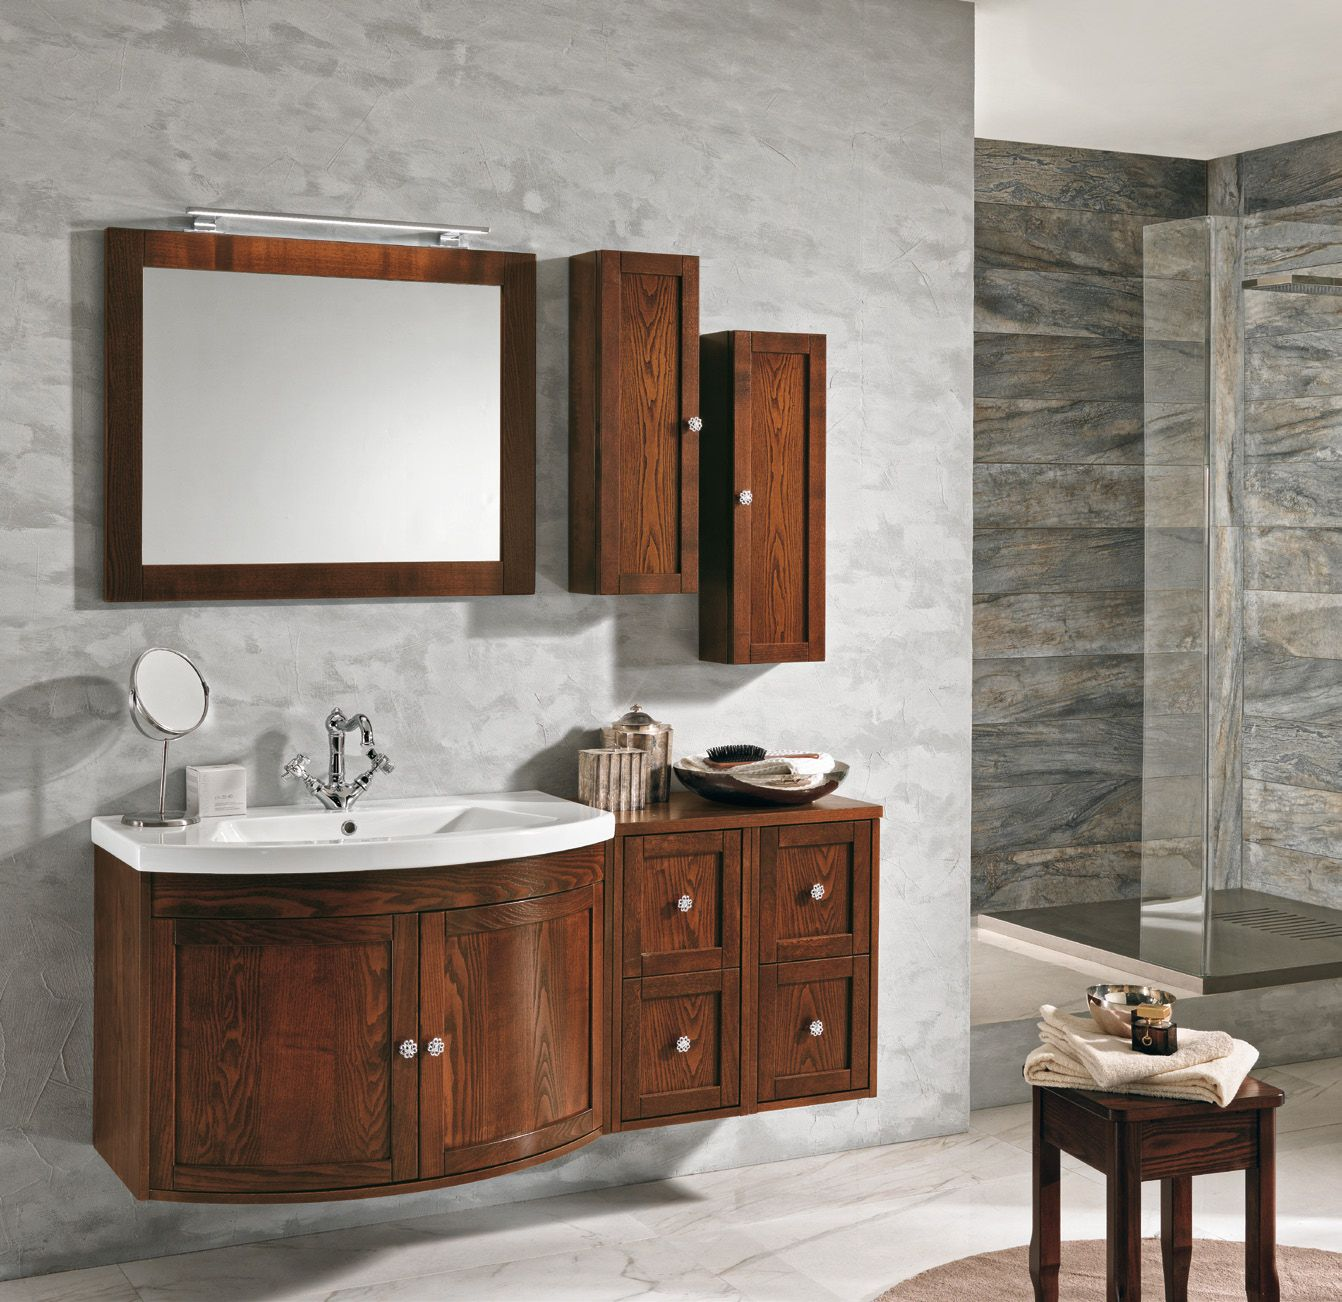 eban badm bel set stefania 112 im angebot auf 1205 euro set badm bel bad. Black Bedroom Furniture Sets. Home Design Ideas